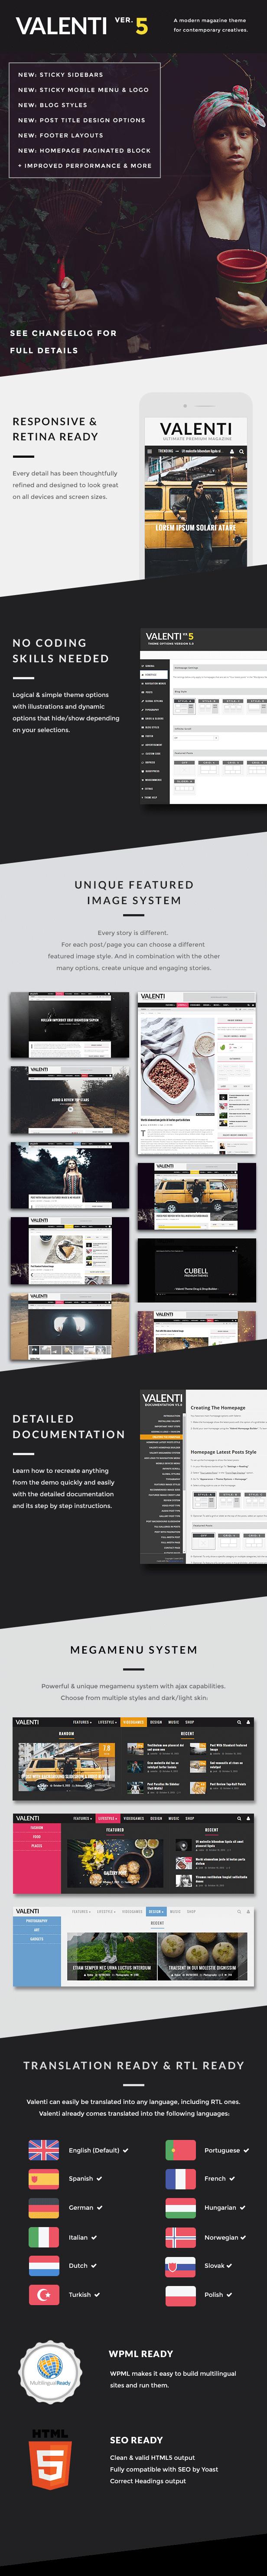 Valenti wordpress magazine theme for 2015 features